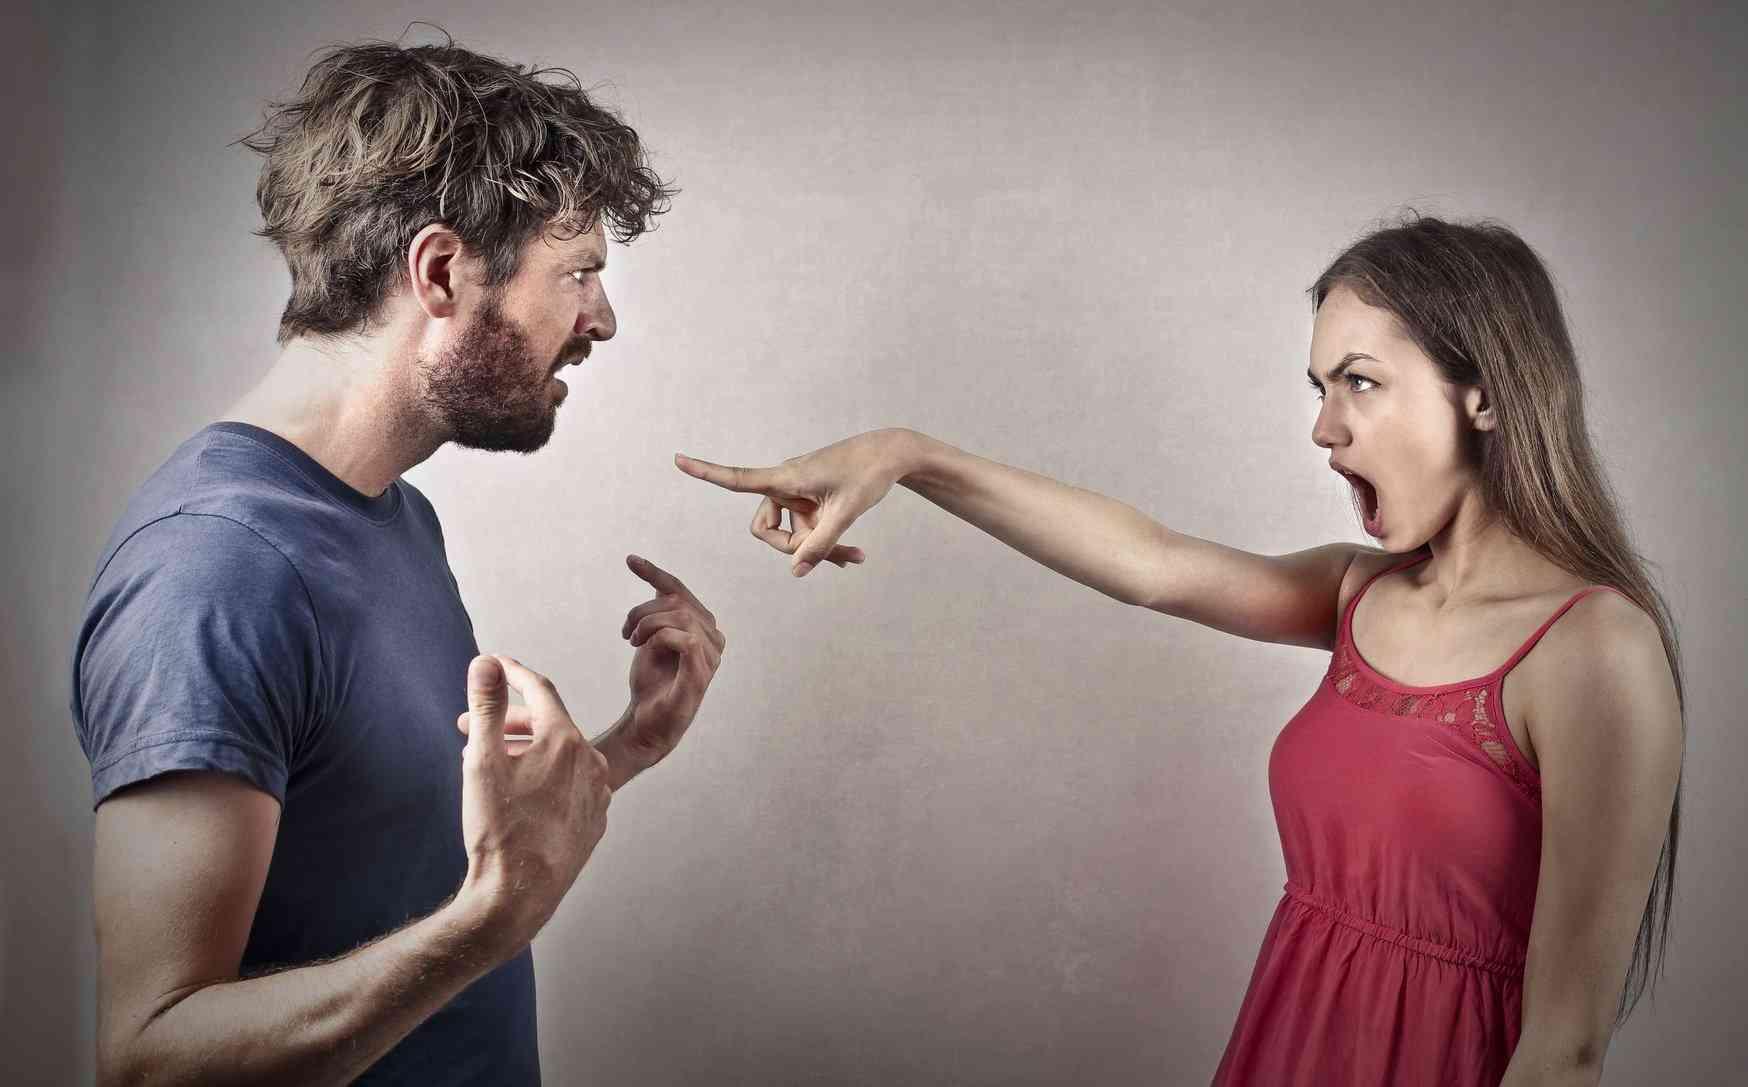 картинки с ссора с людьми разрешено переходить